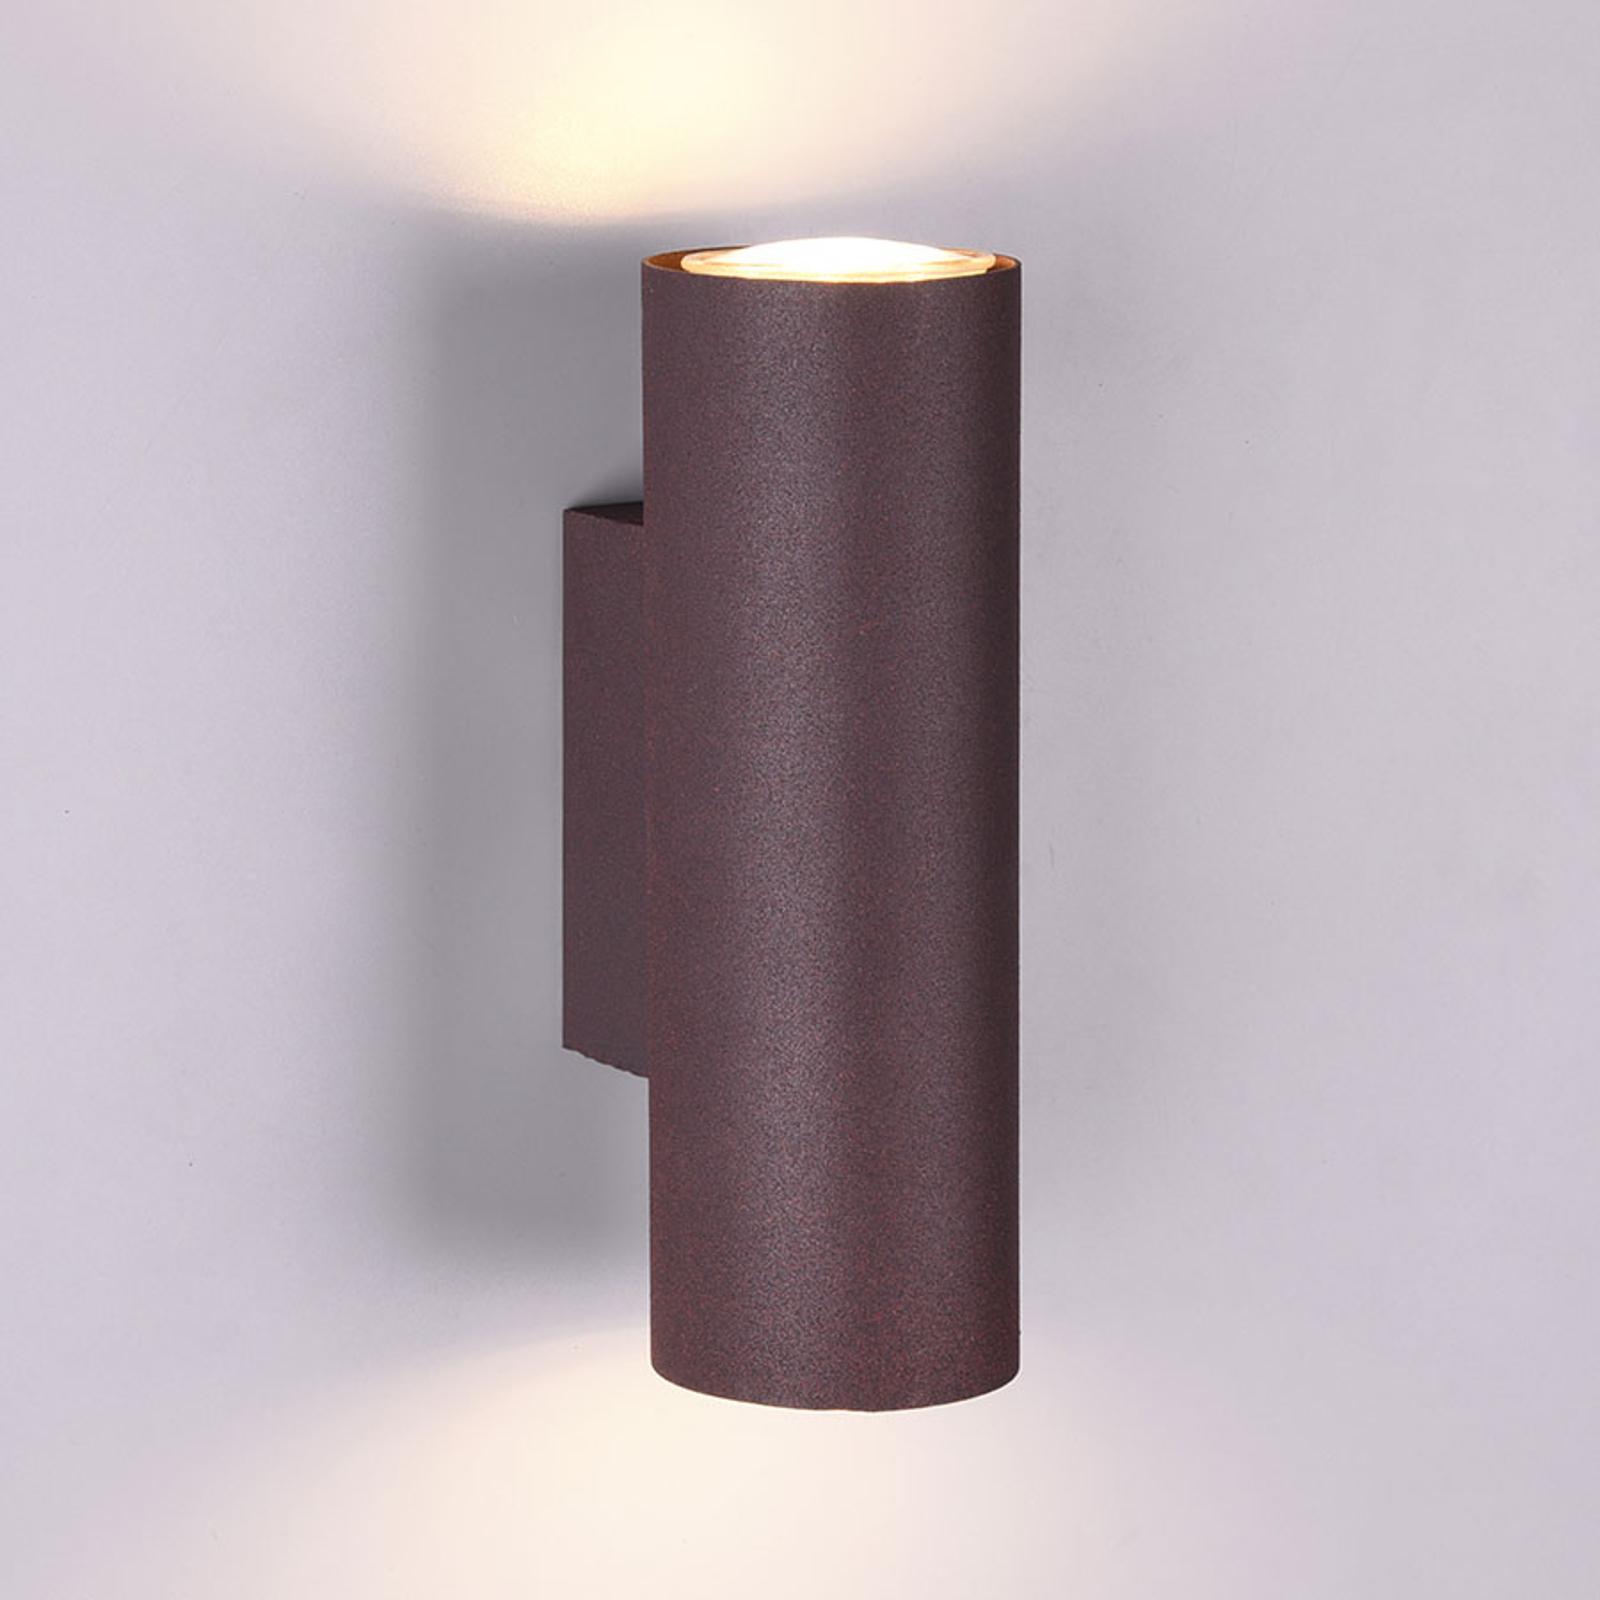 Wandlamp Marley met twee lampjes roest